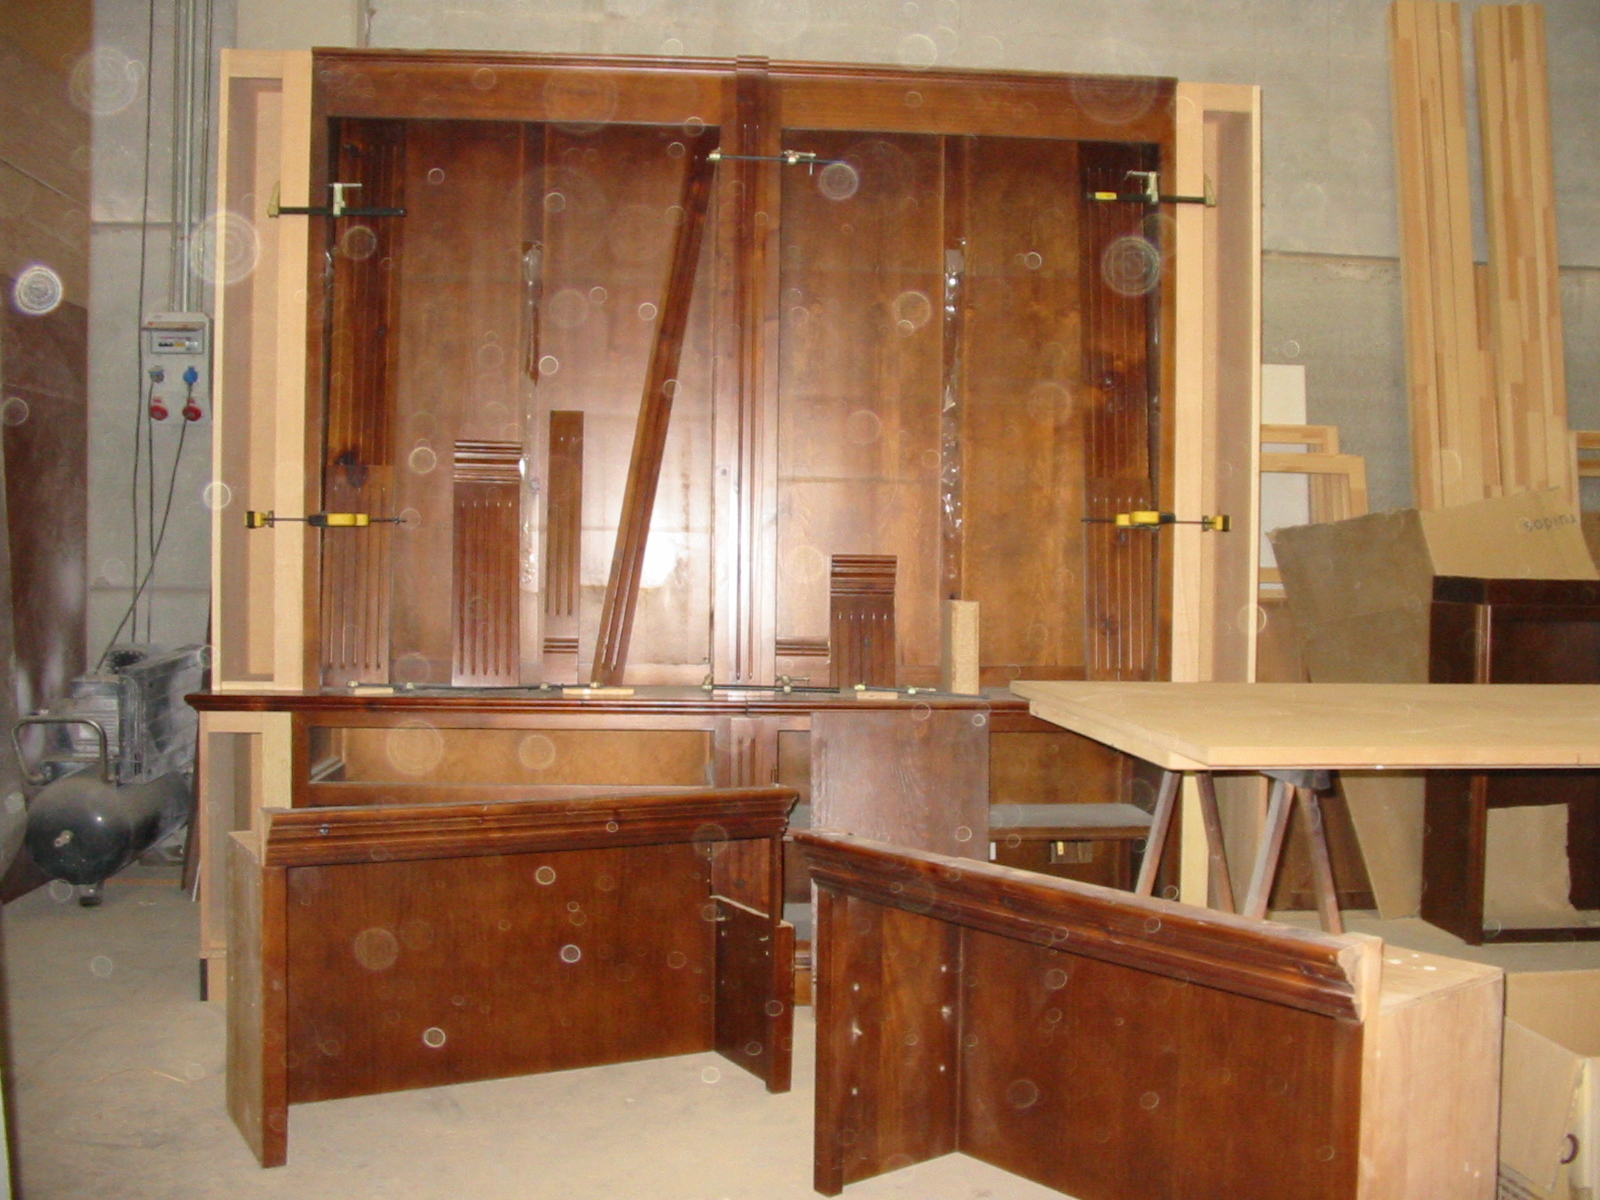 Trabajos lmb muebles antiguos for Restaurar mueble antiguo a moderno